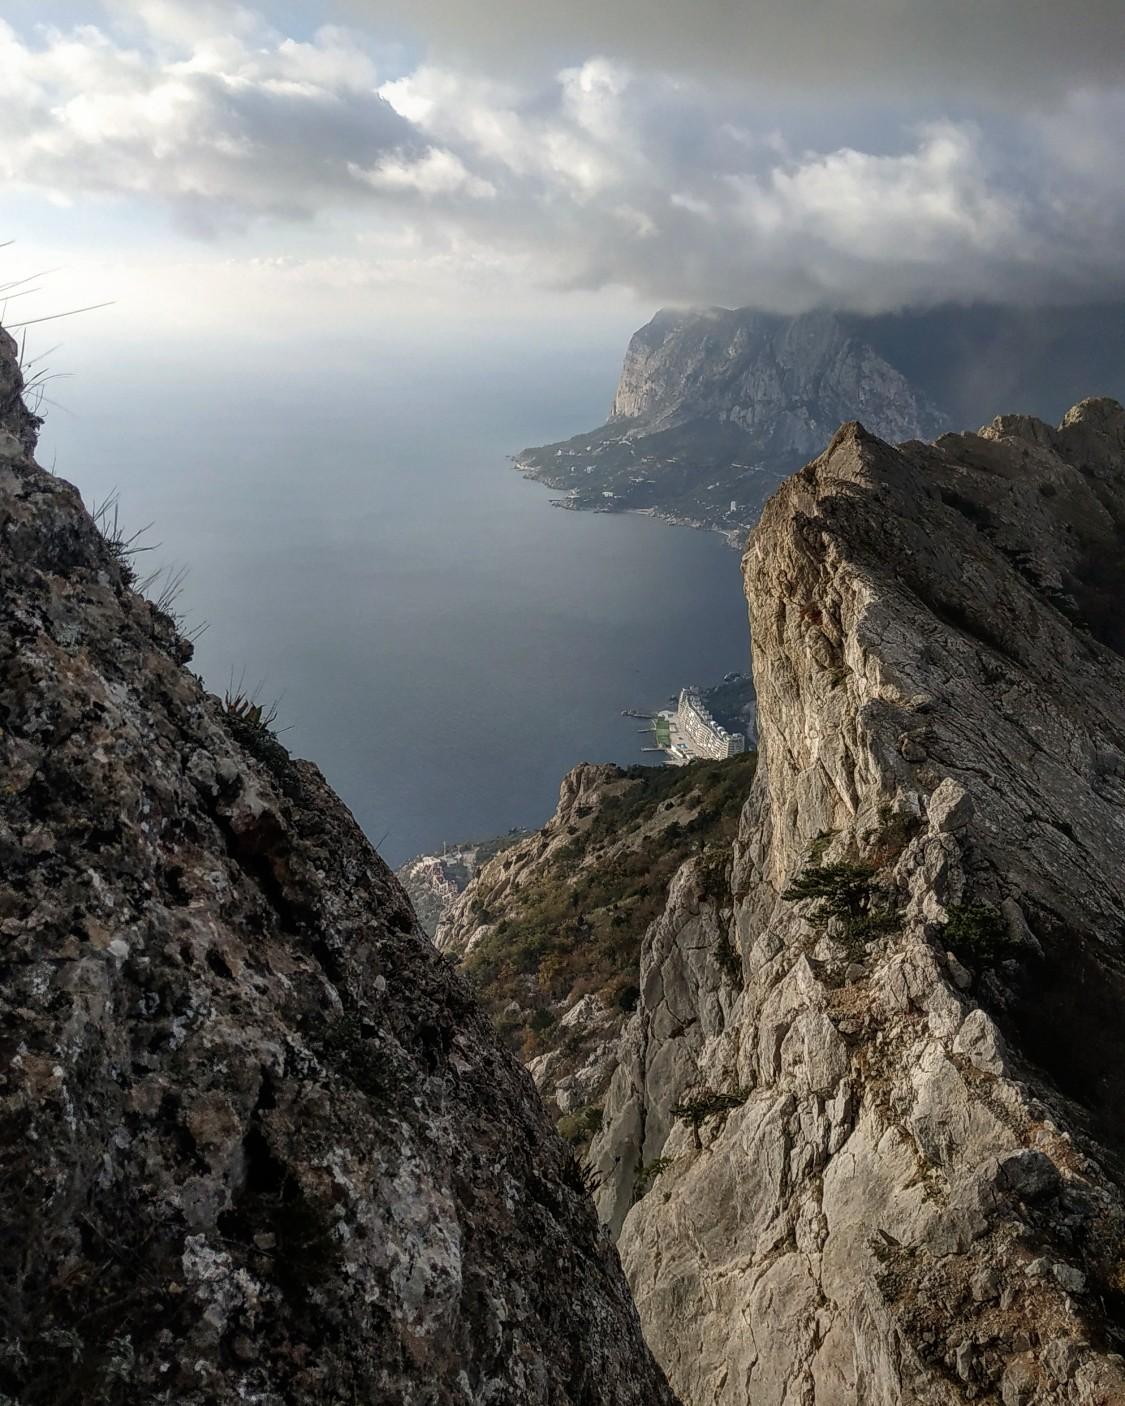 Вид на скальный гребень, по которому проходит маршрут